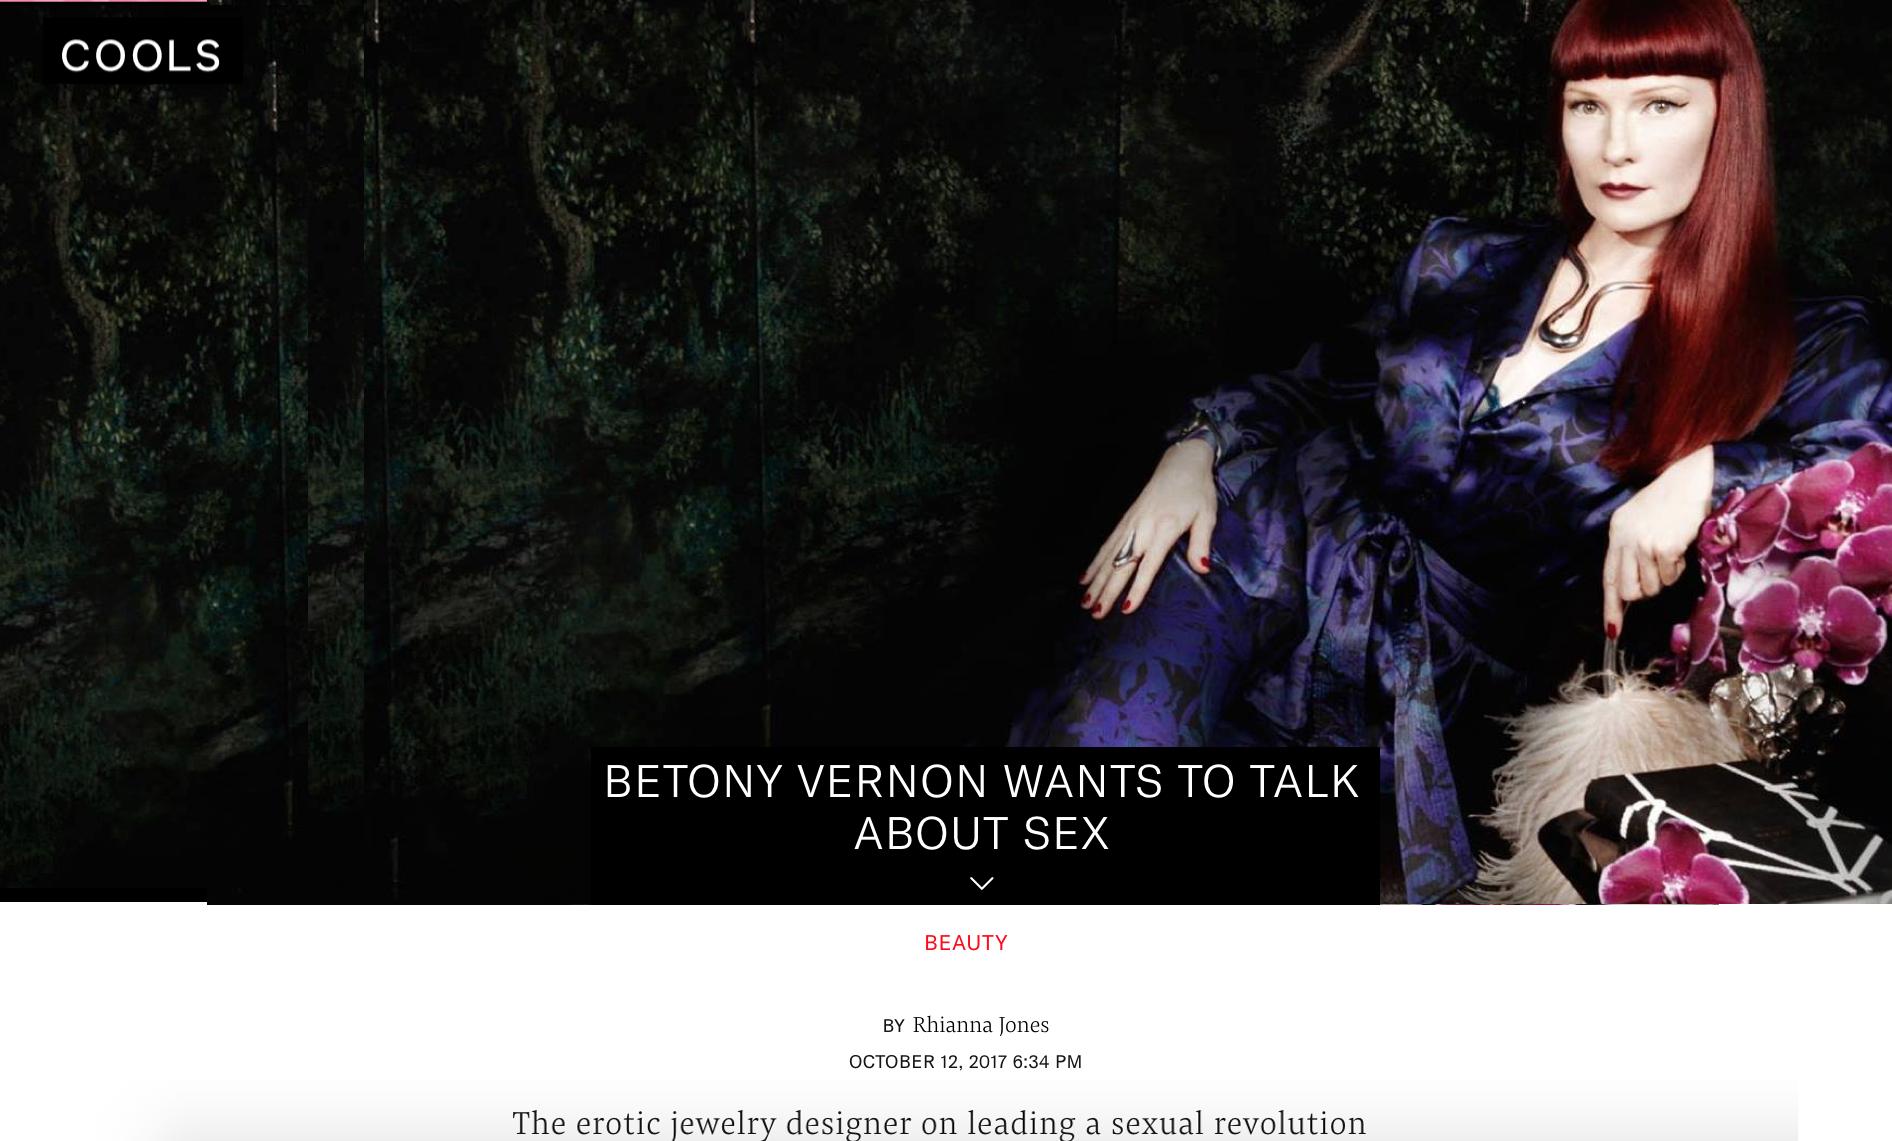 Betony Vernon | COOLS